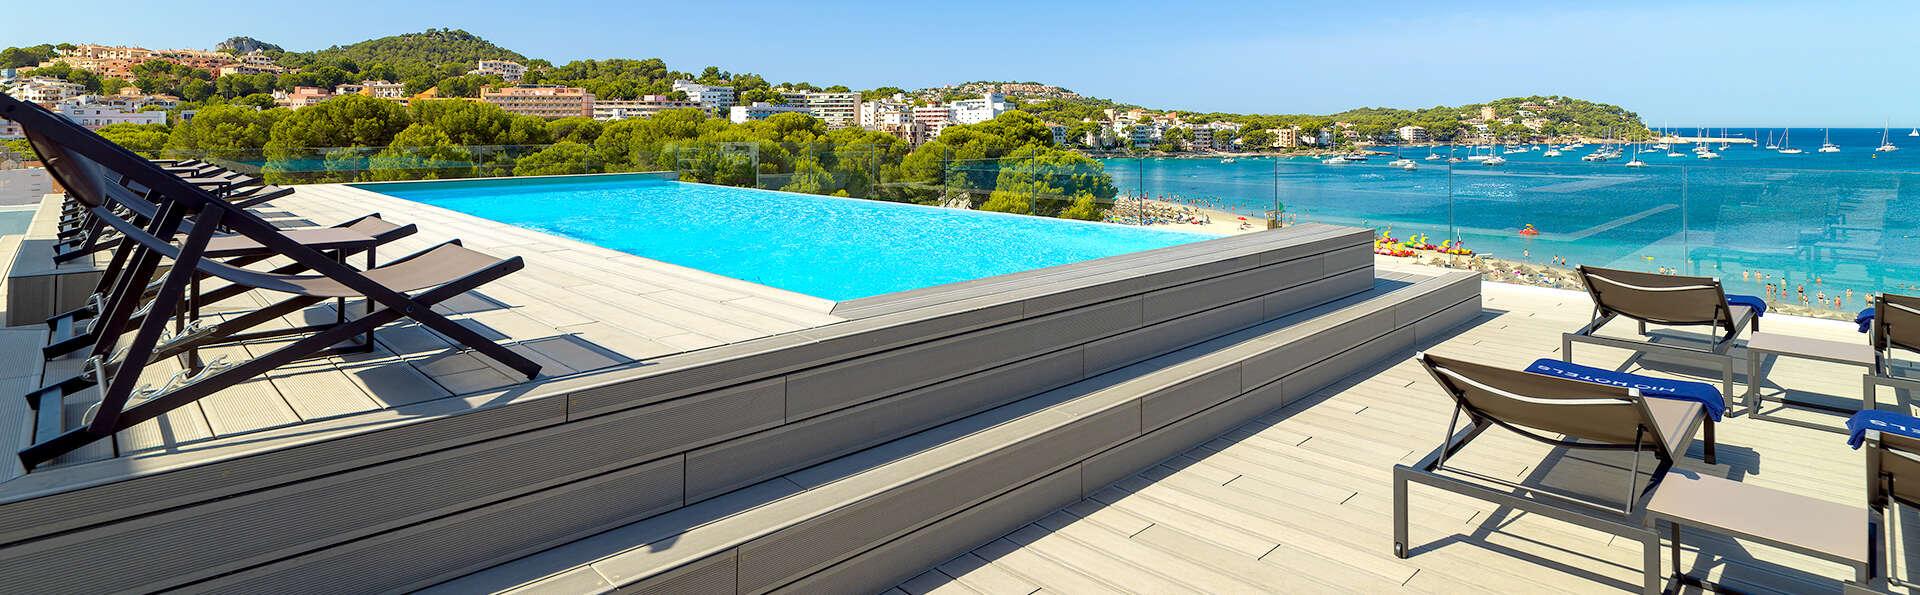 Descubre Mallorca con media pensión, spa y ferry Balearia desde Barcelona (9 días/7 noches)